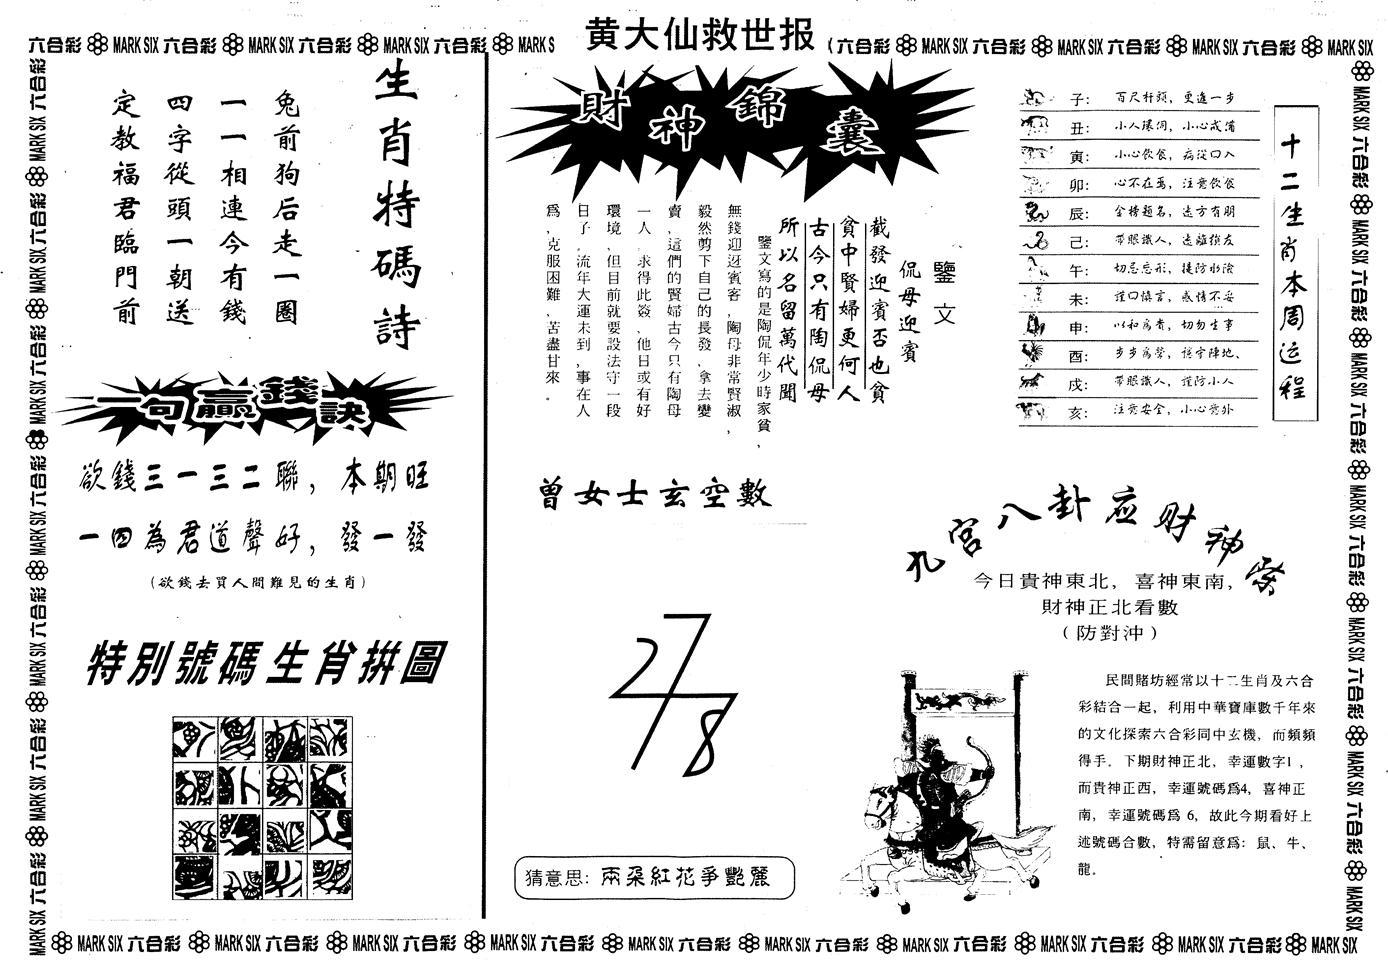 080期另版黄大仙救世B(黑白)